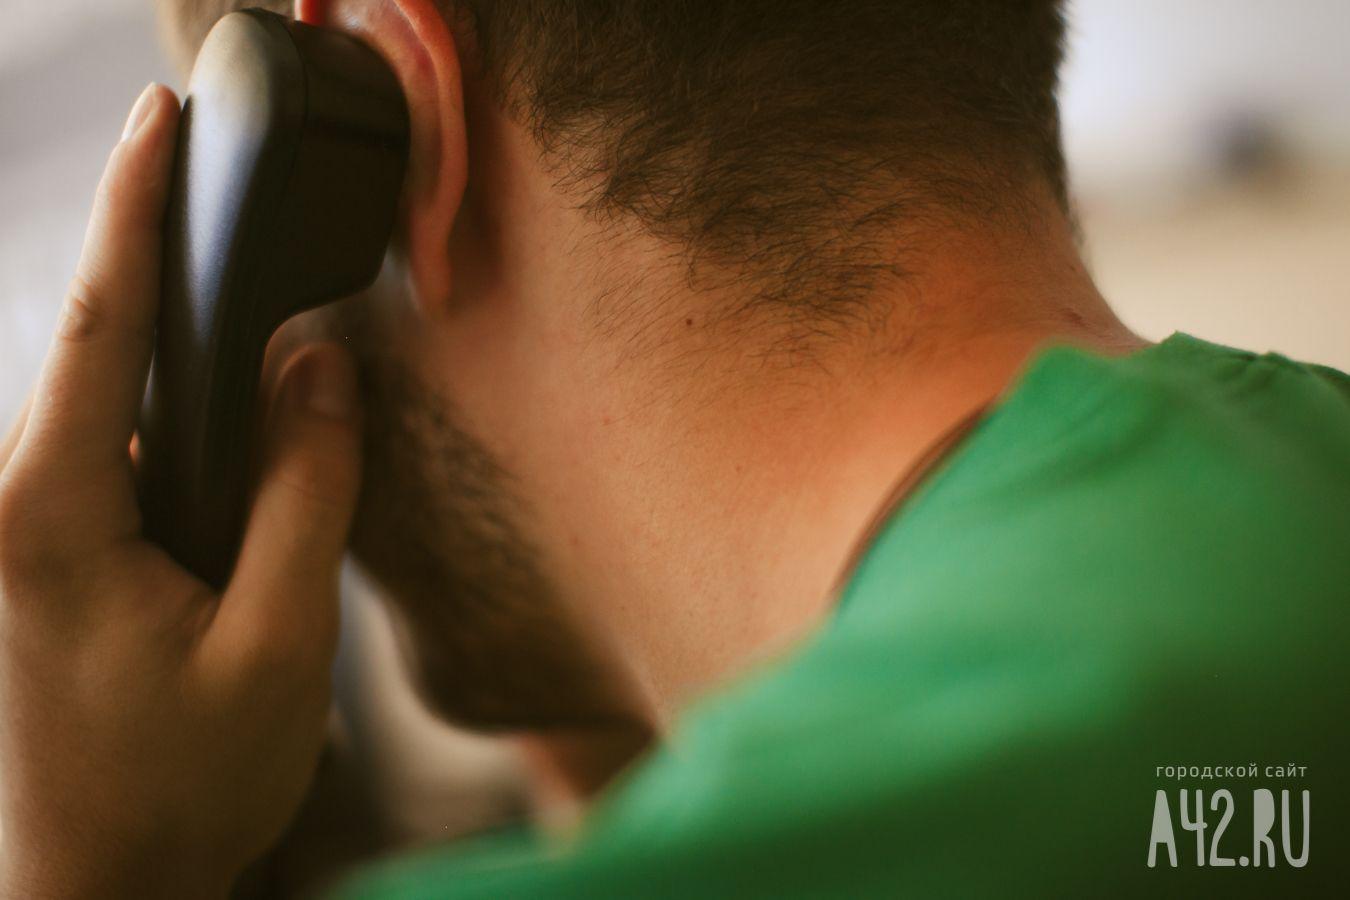 Коллекторам дадут доступ кбиометрическим данным жителей Российской Федерации